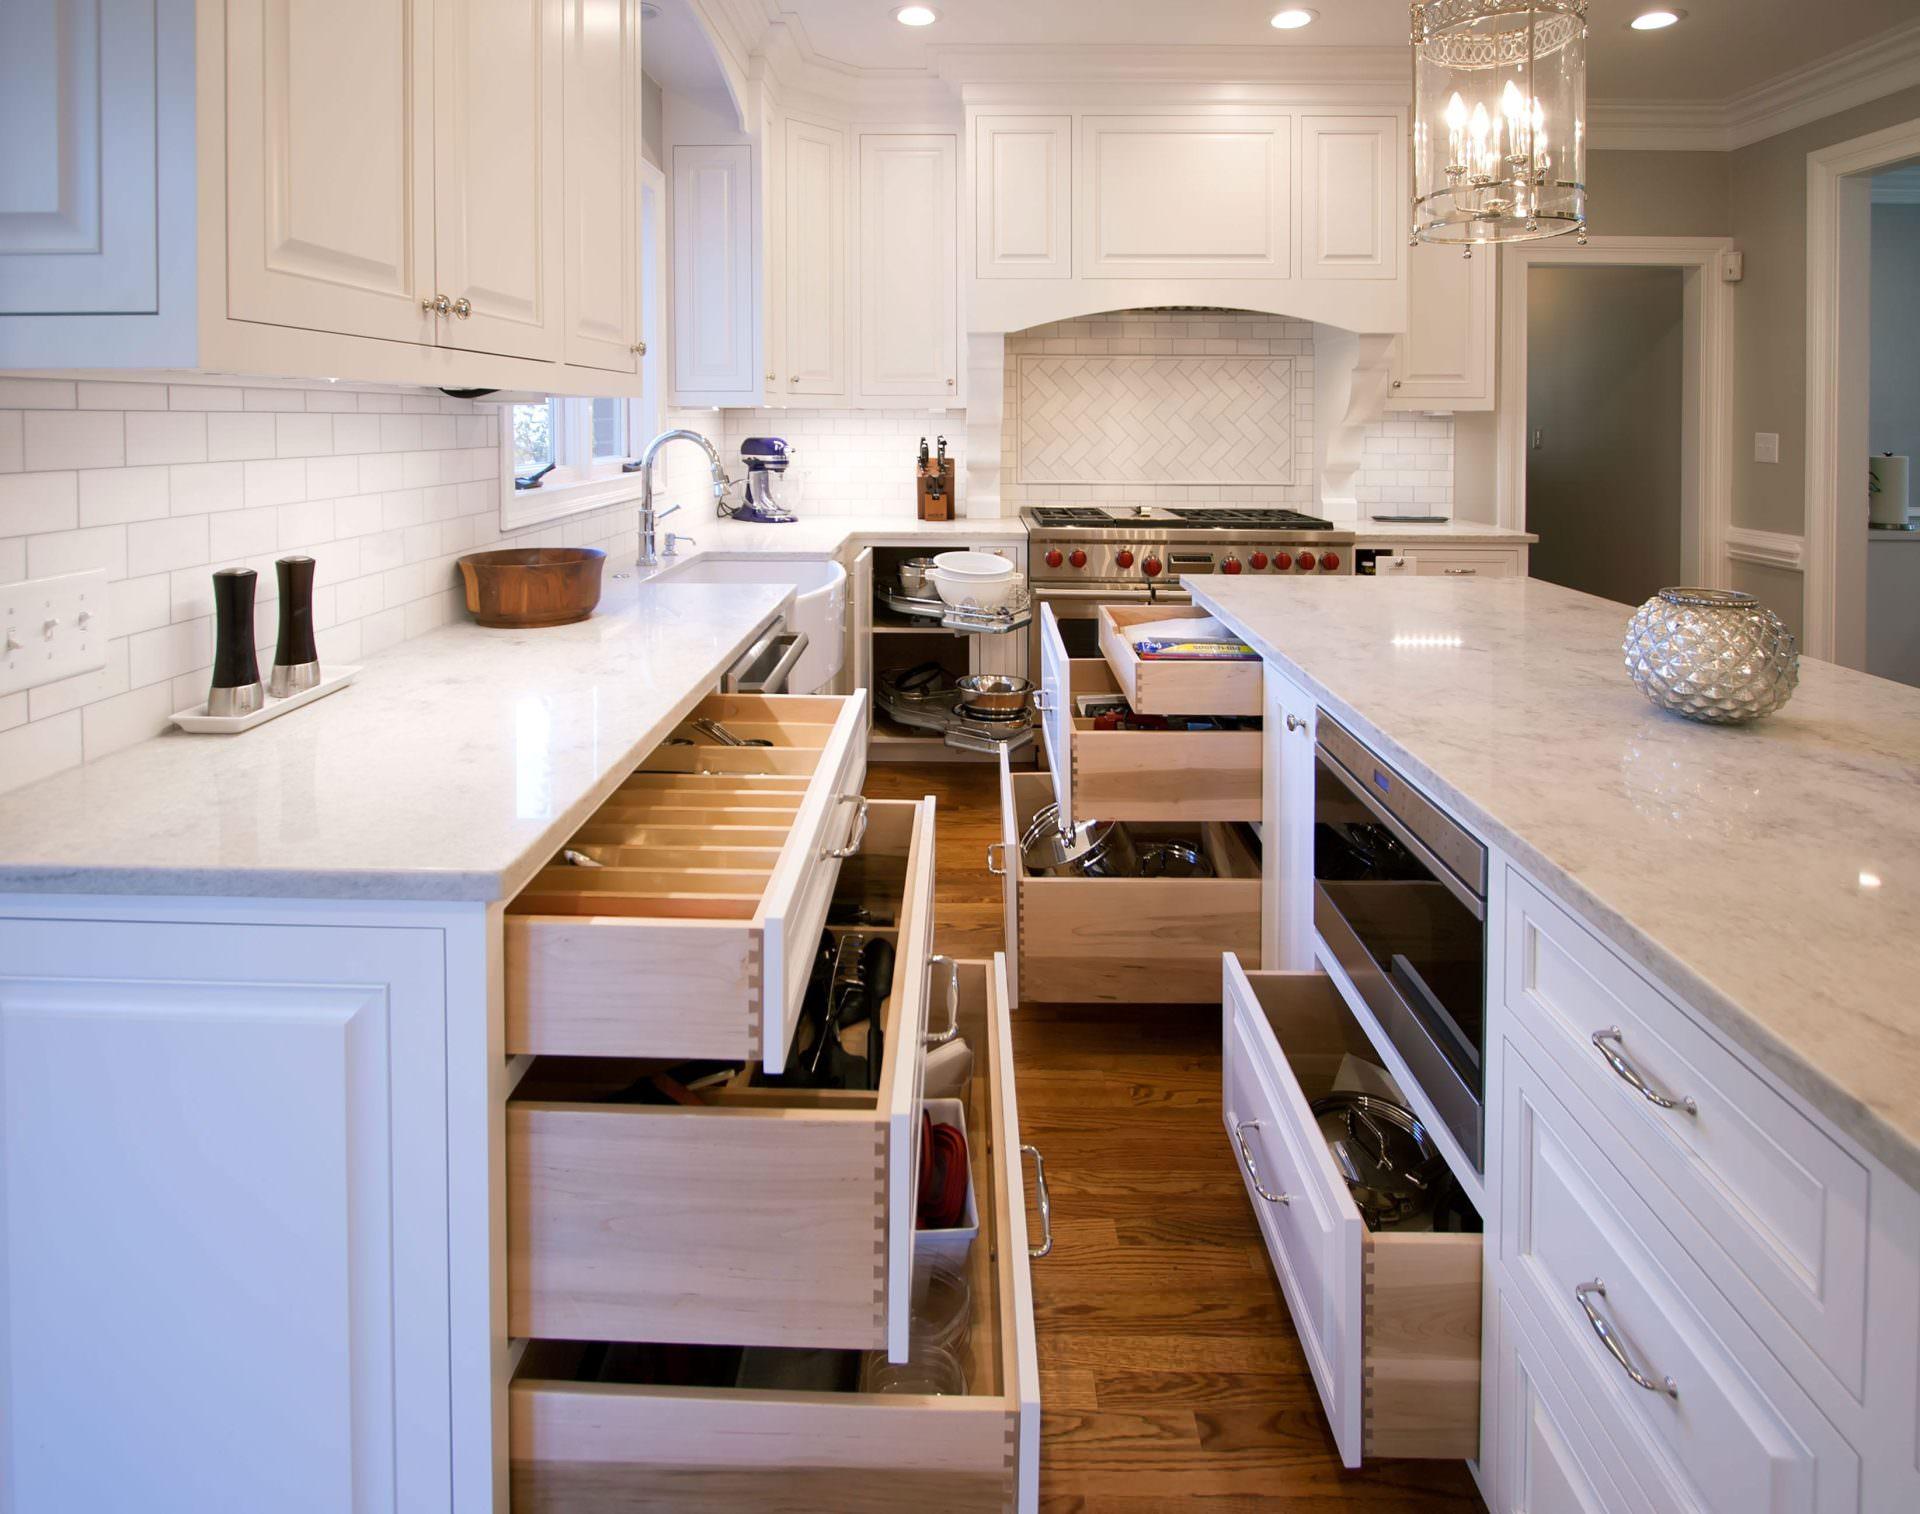 10 design tips for your kitchen remodel greenbrook design ce